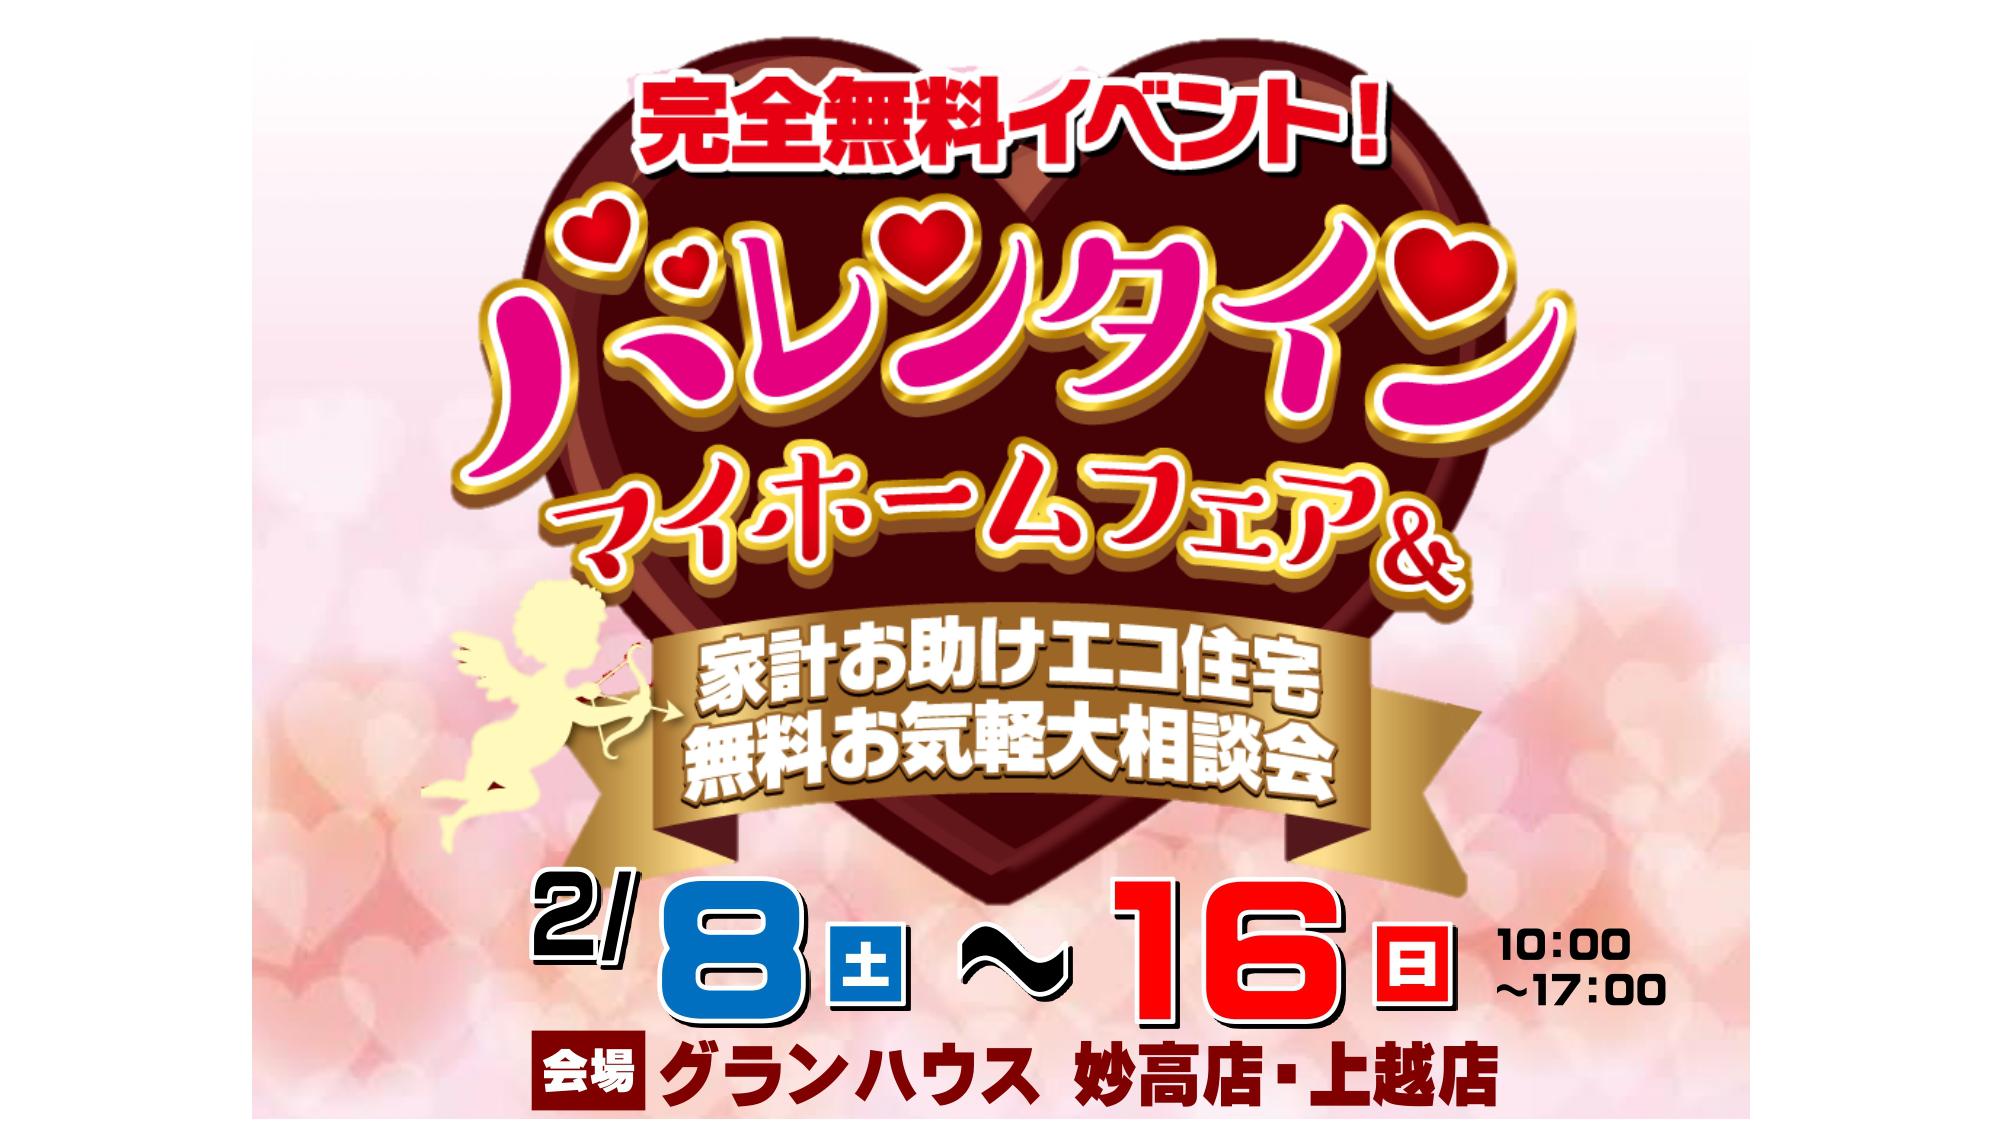 【2店舗同時開催・7大ご来場特典】バレンタインマイホームフェア